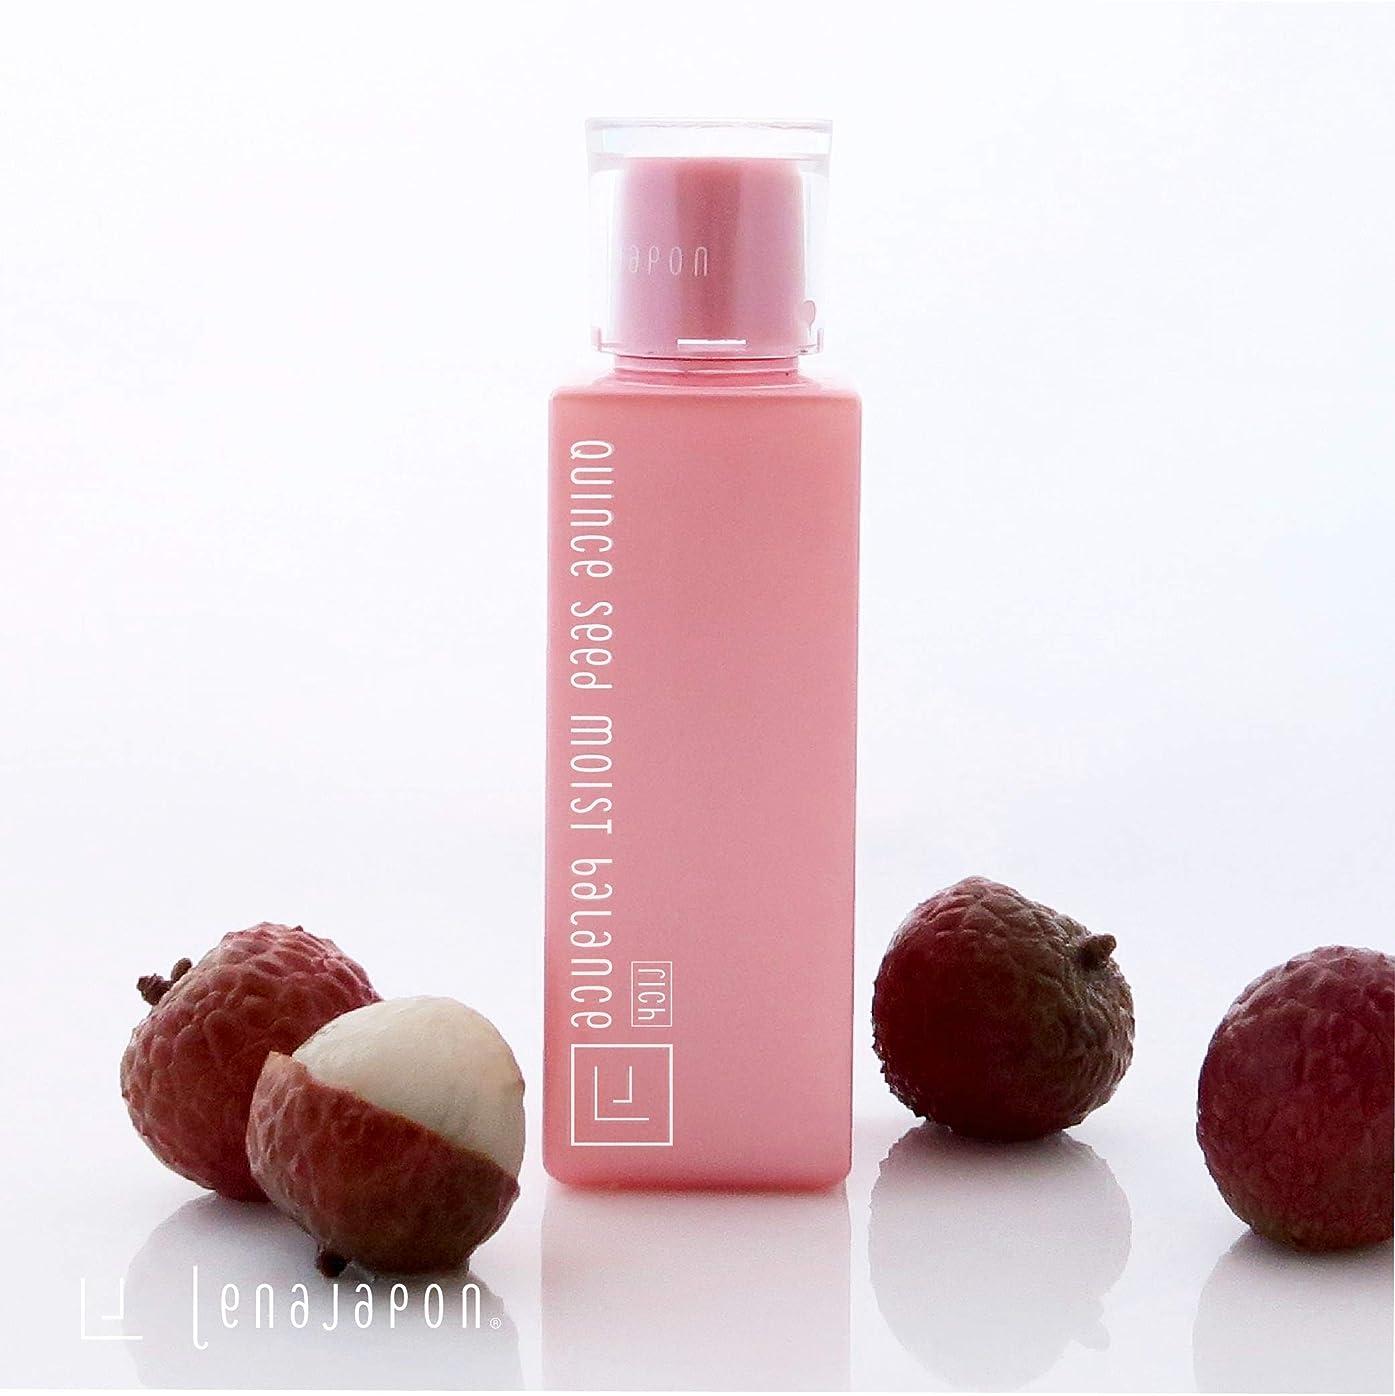 朝の体操をするにはまってフェローシップレナジャポン〈美容化粧液〉LJ モイストバランス R(しっとりタイプ)/ LENAJAPON〈moisturizing beauty essential lotion〉LJ MOIST BALANCE R (rich)